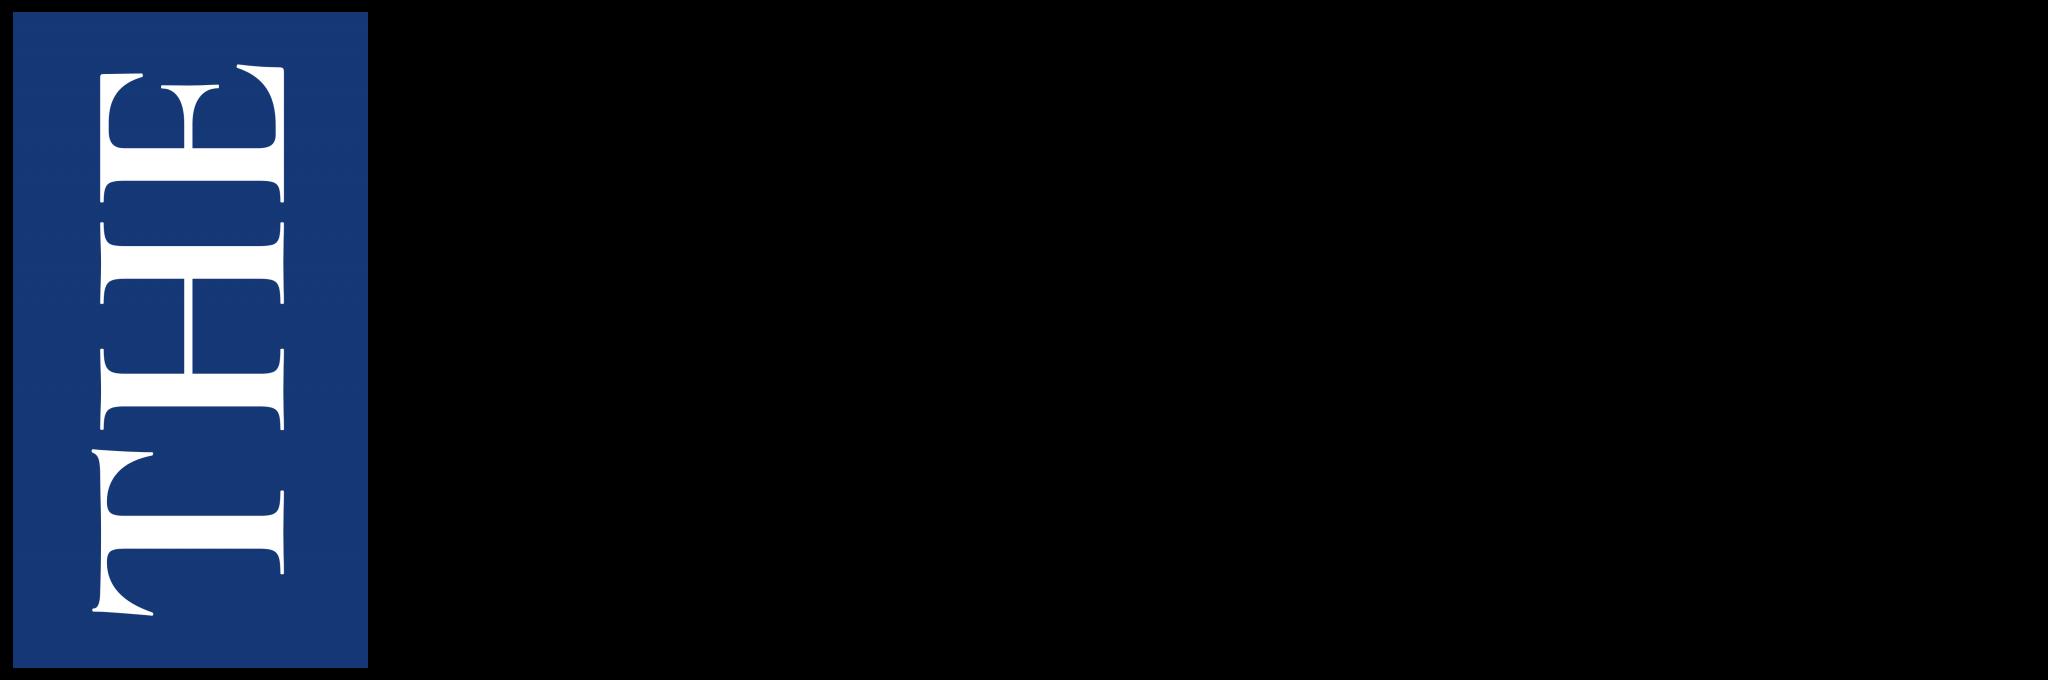 GE_logotrans-1